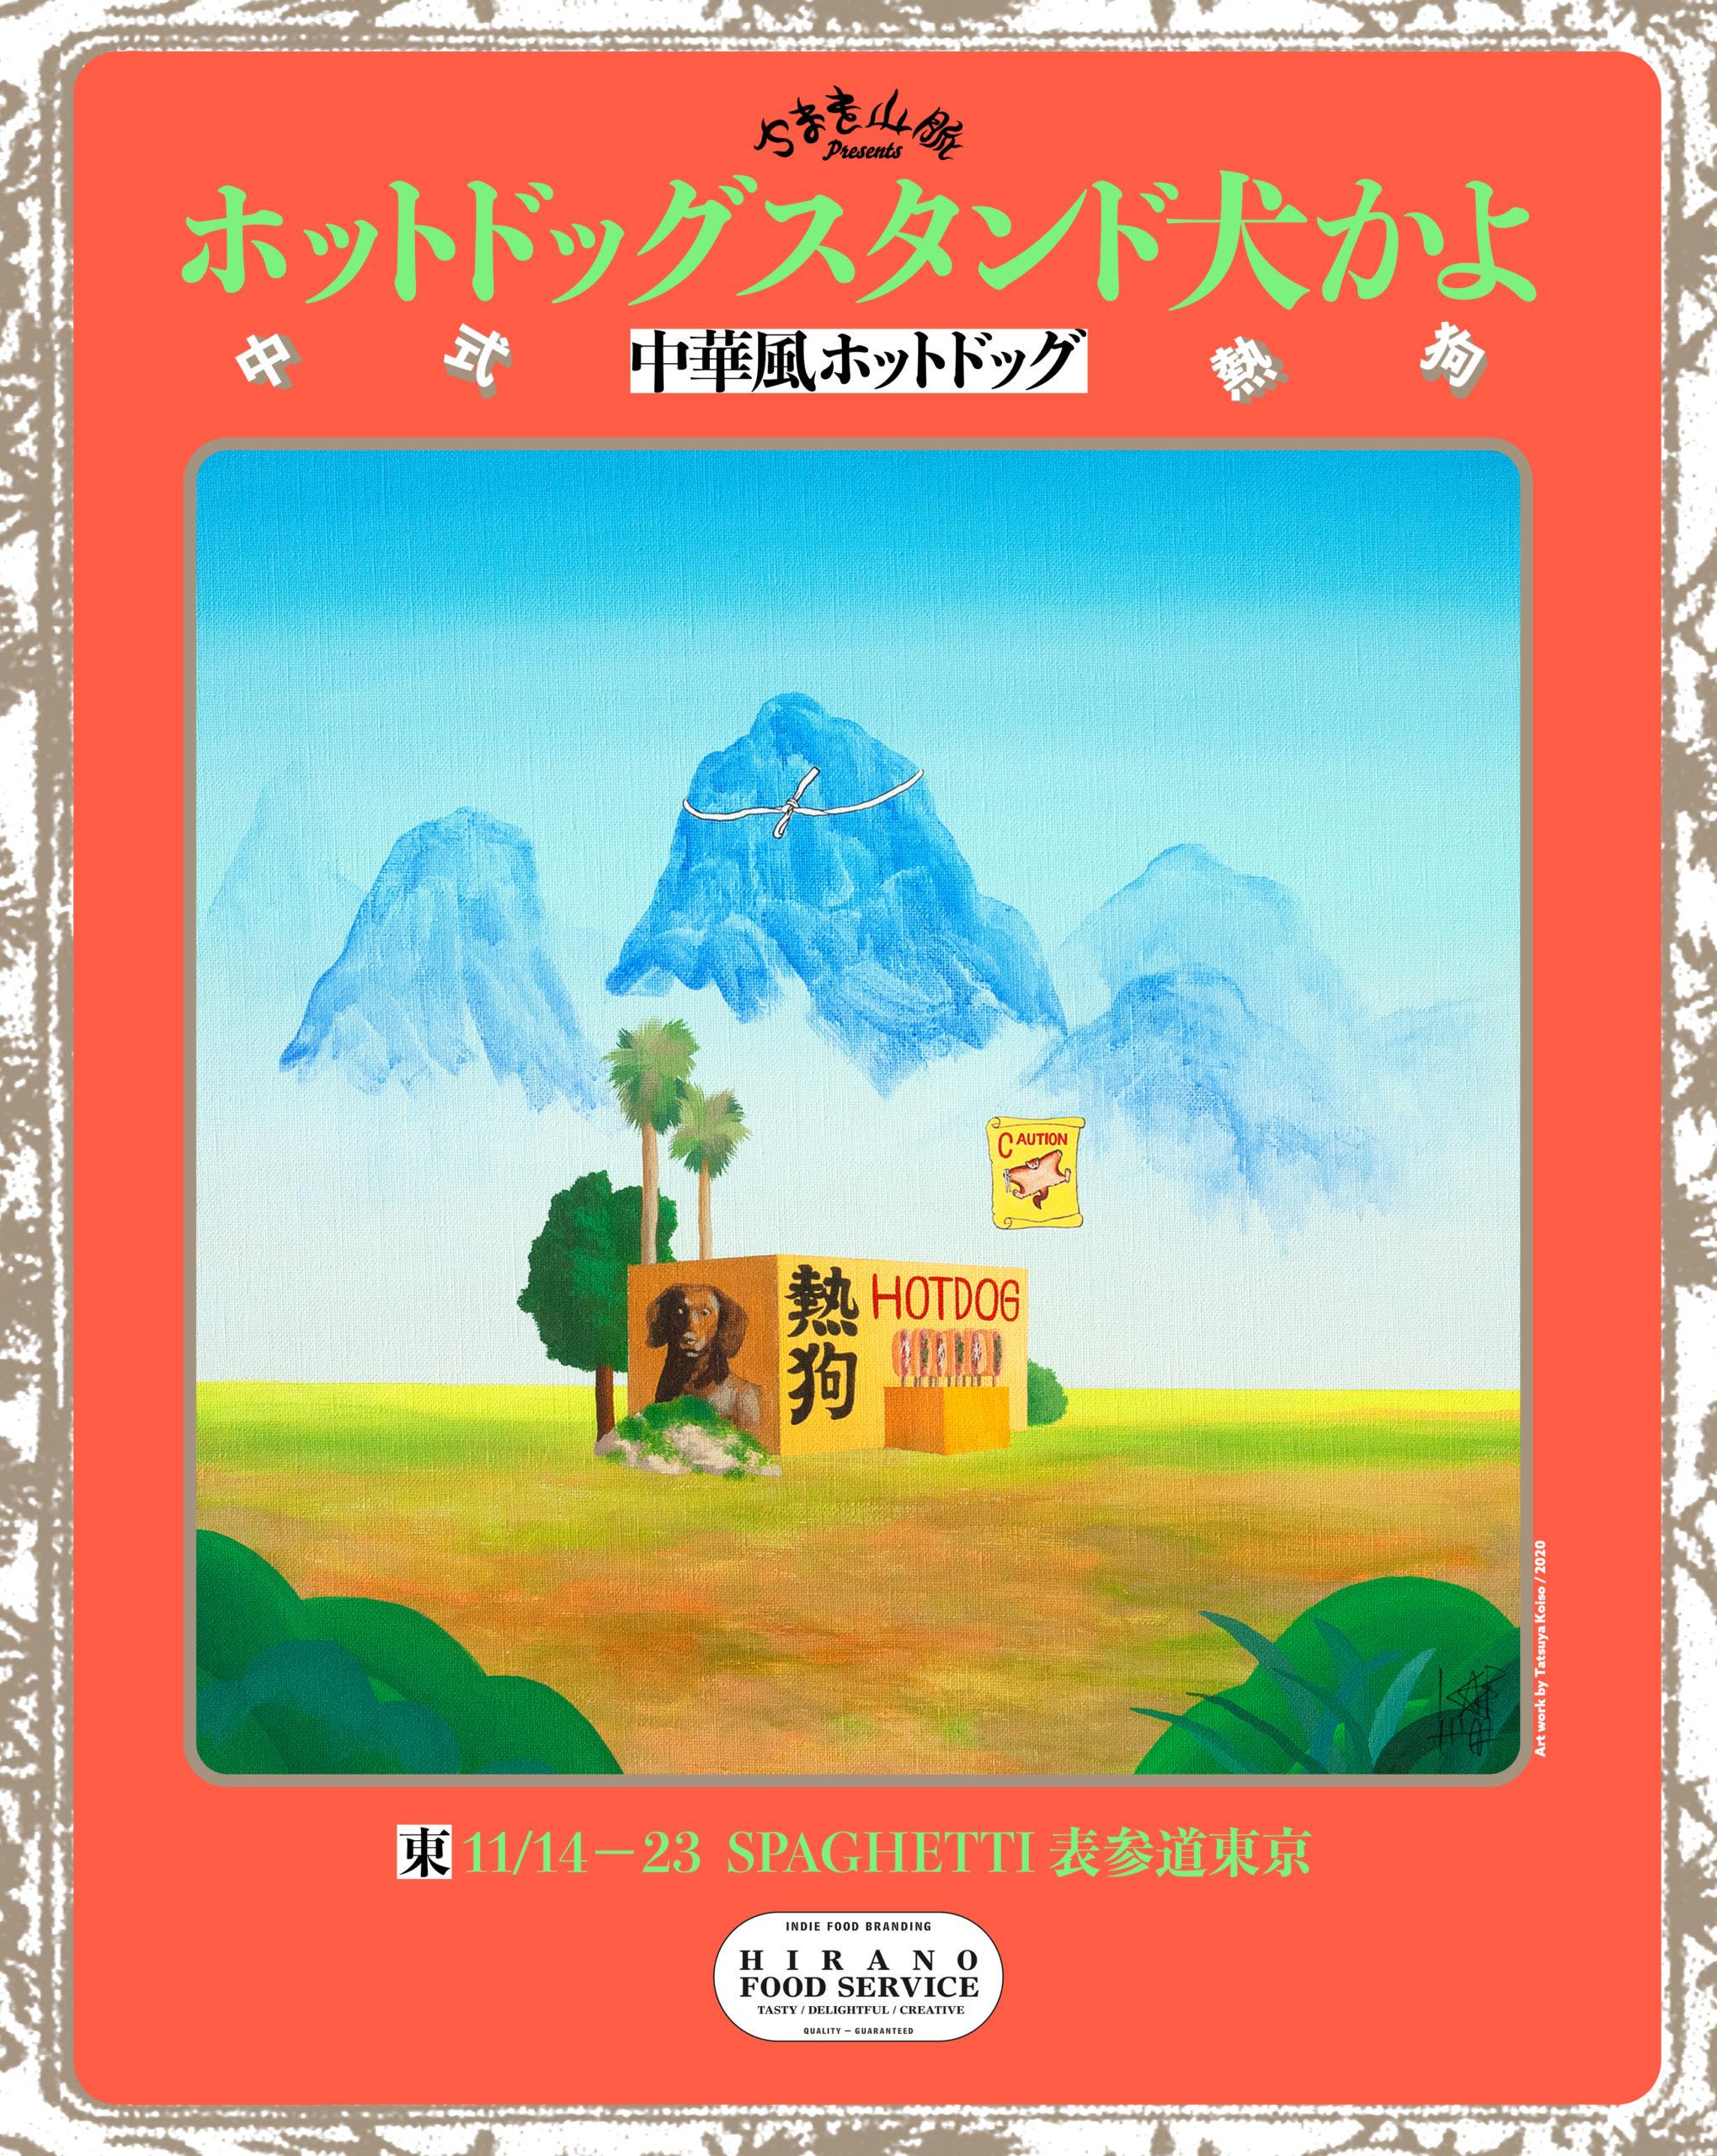 平野紗季子プロデュースPOPUP『「ホットドックスタンド犬かよ」 by HIRANO FOOD SERVICE』